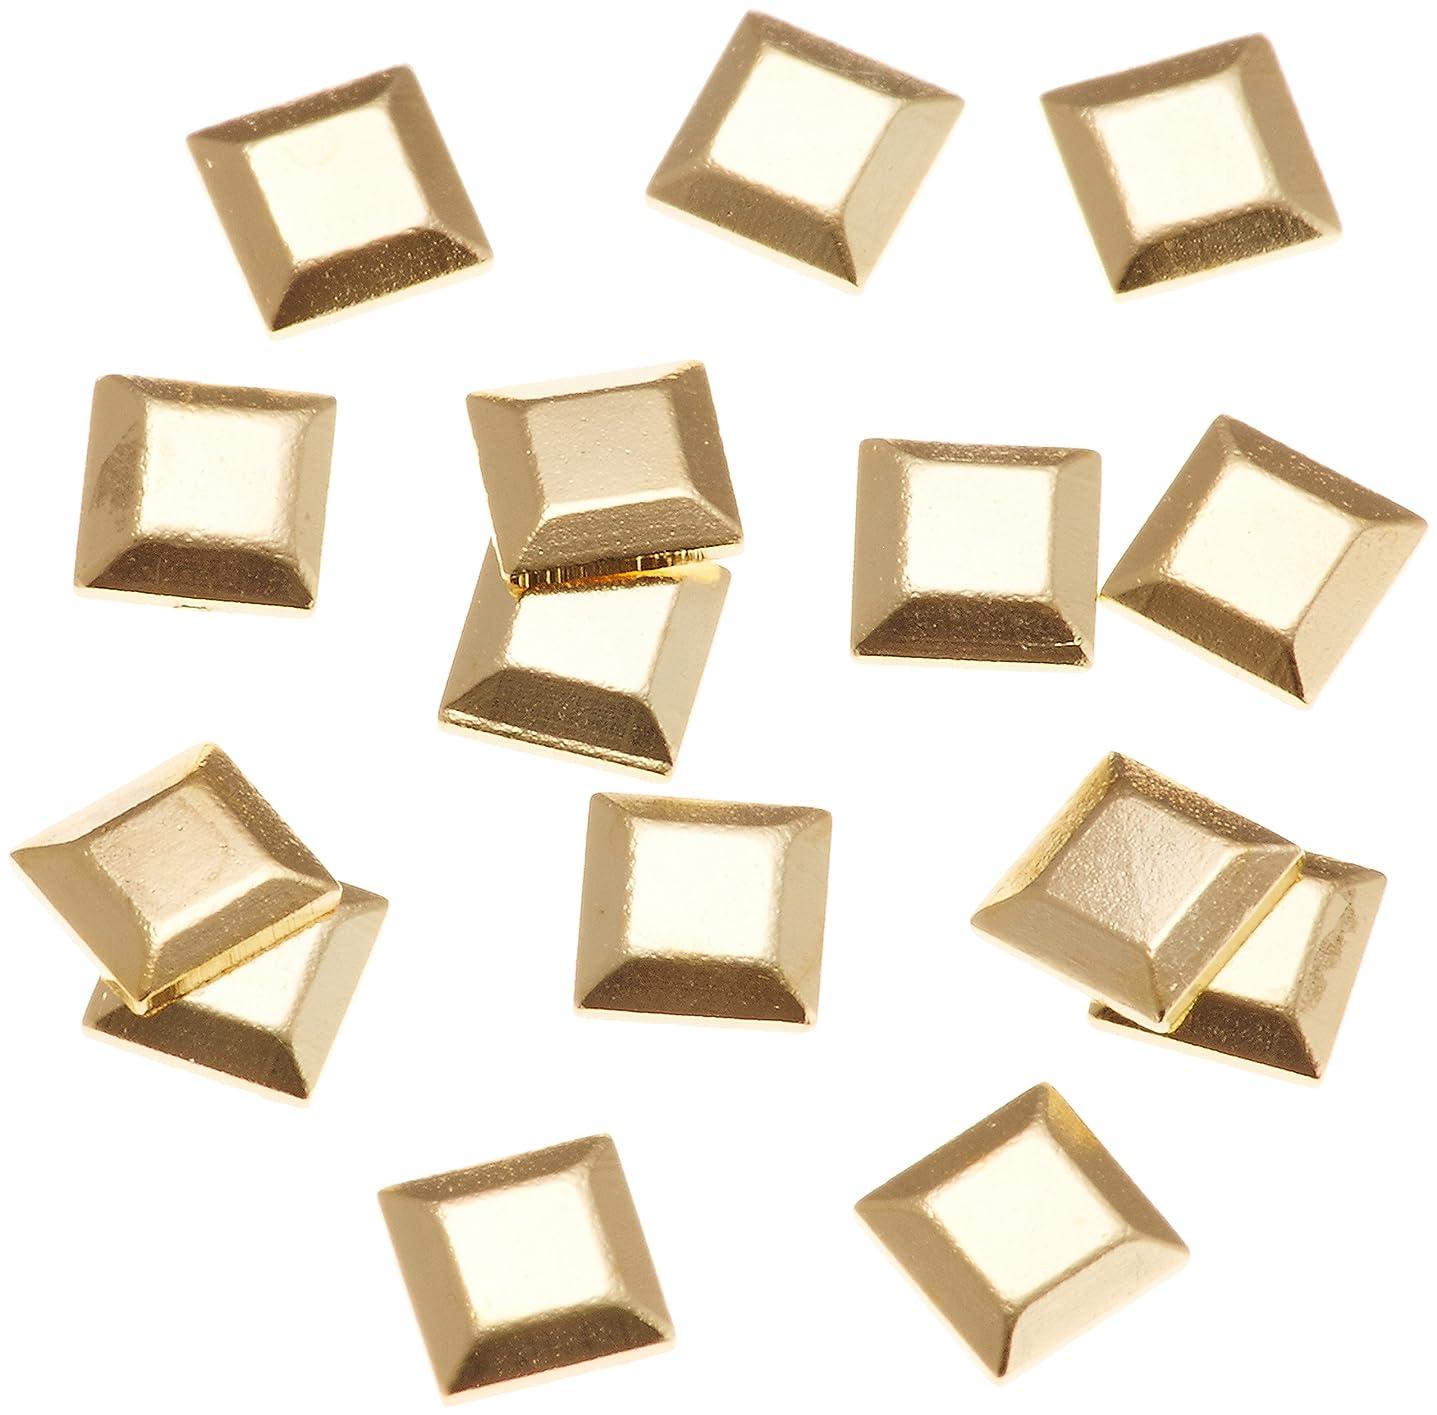 適応的揮発性リファインリトルプリティー ネイルアートパーツ スタッズスクエア ゴールド 200個